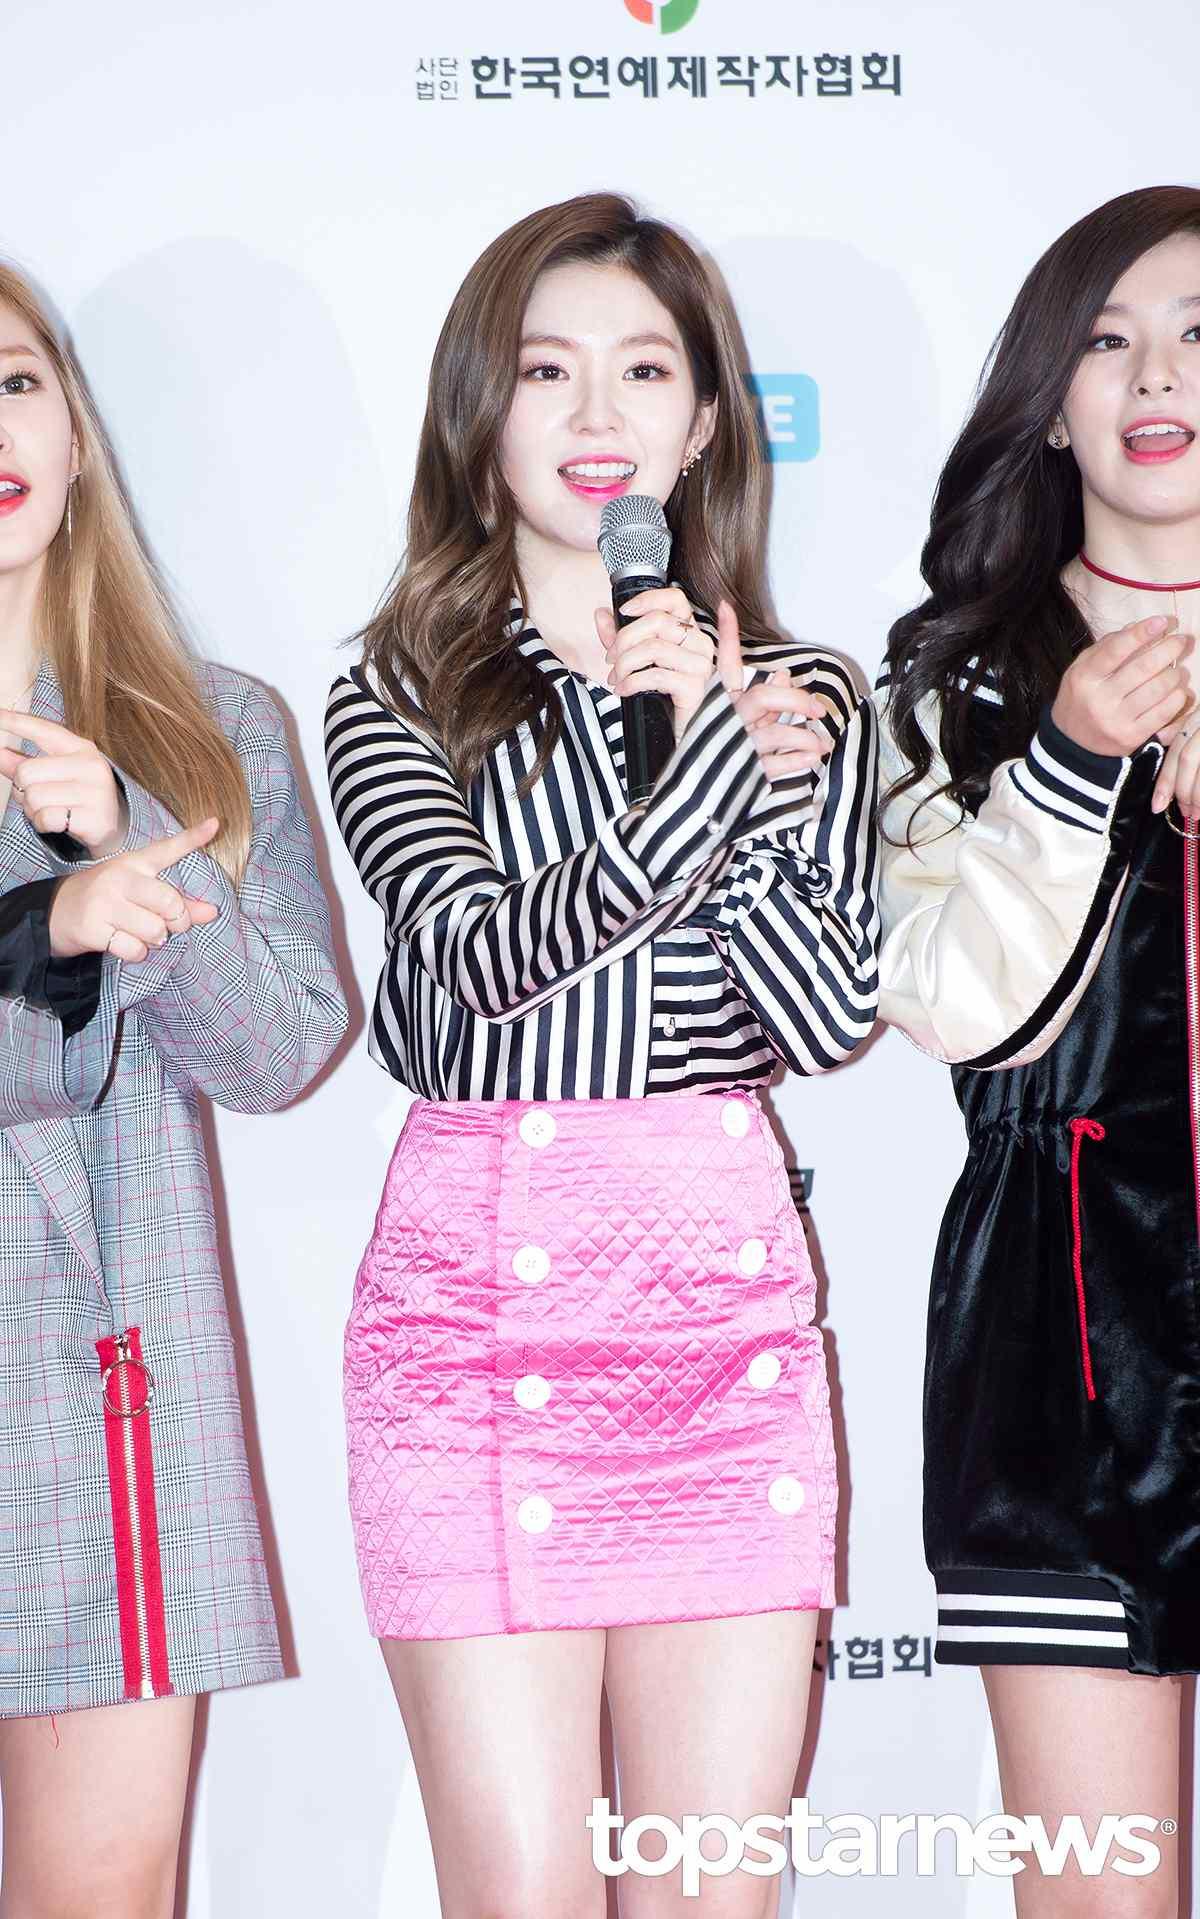 最後是Irene,這裙子未免太螢光了吧XD 有種「泰國曼谷包」的感覺哈哈,不過看完每個成員的穿搭,覺得問題不是'非常'大啊~